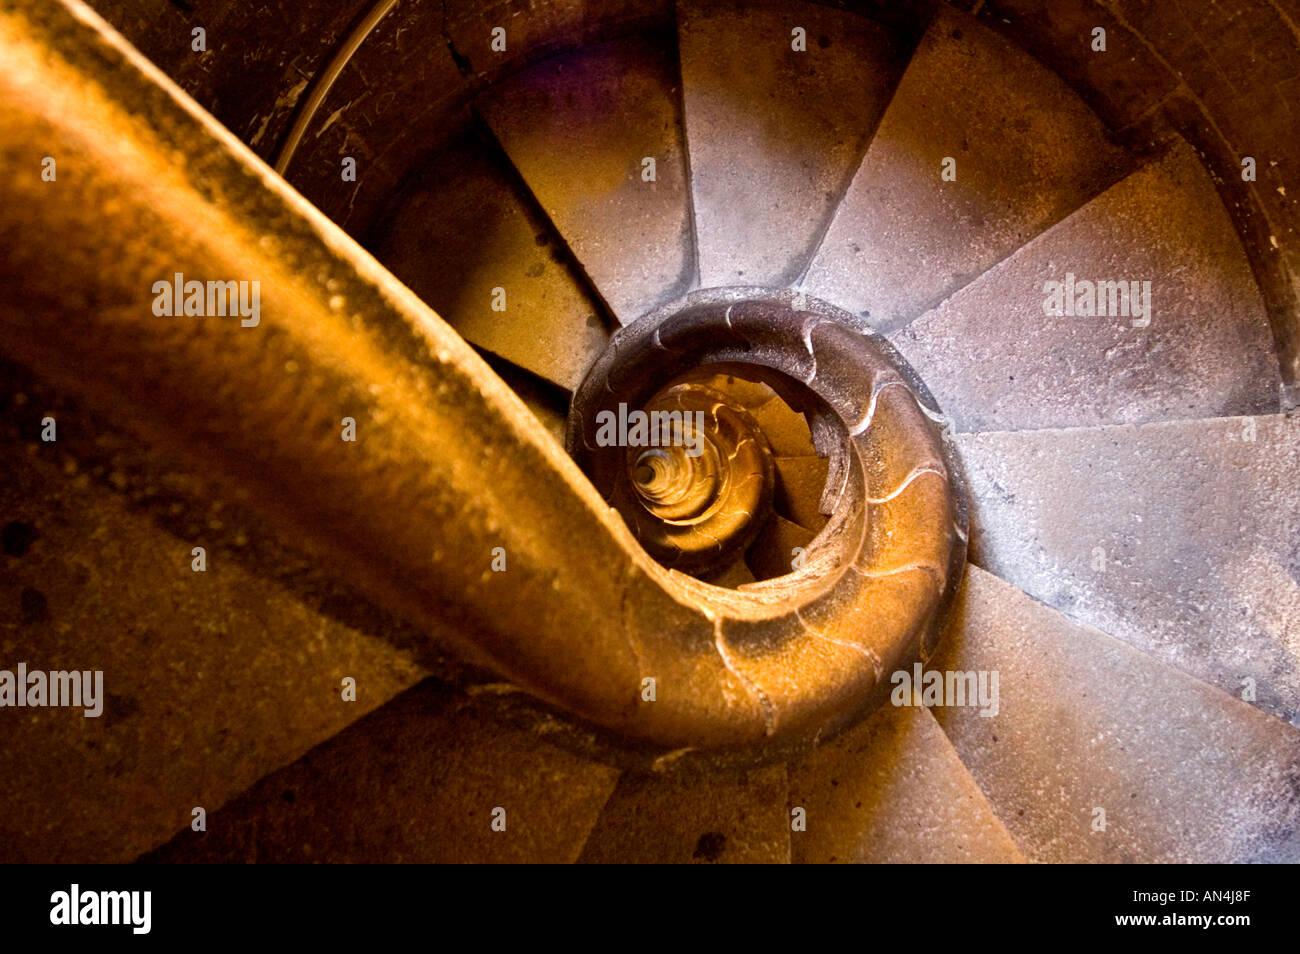 Escalera de caracol en la iglesia de la Sagrada Familia diseñado por el arquitecto modernista Antoni Gaudí Barcelona España Imagen De Stock